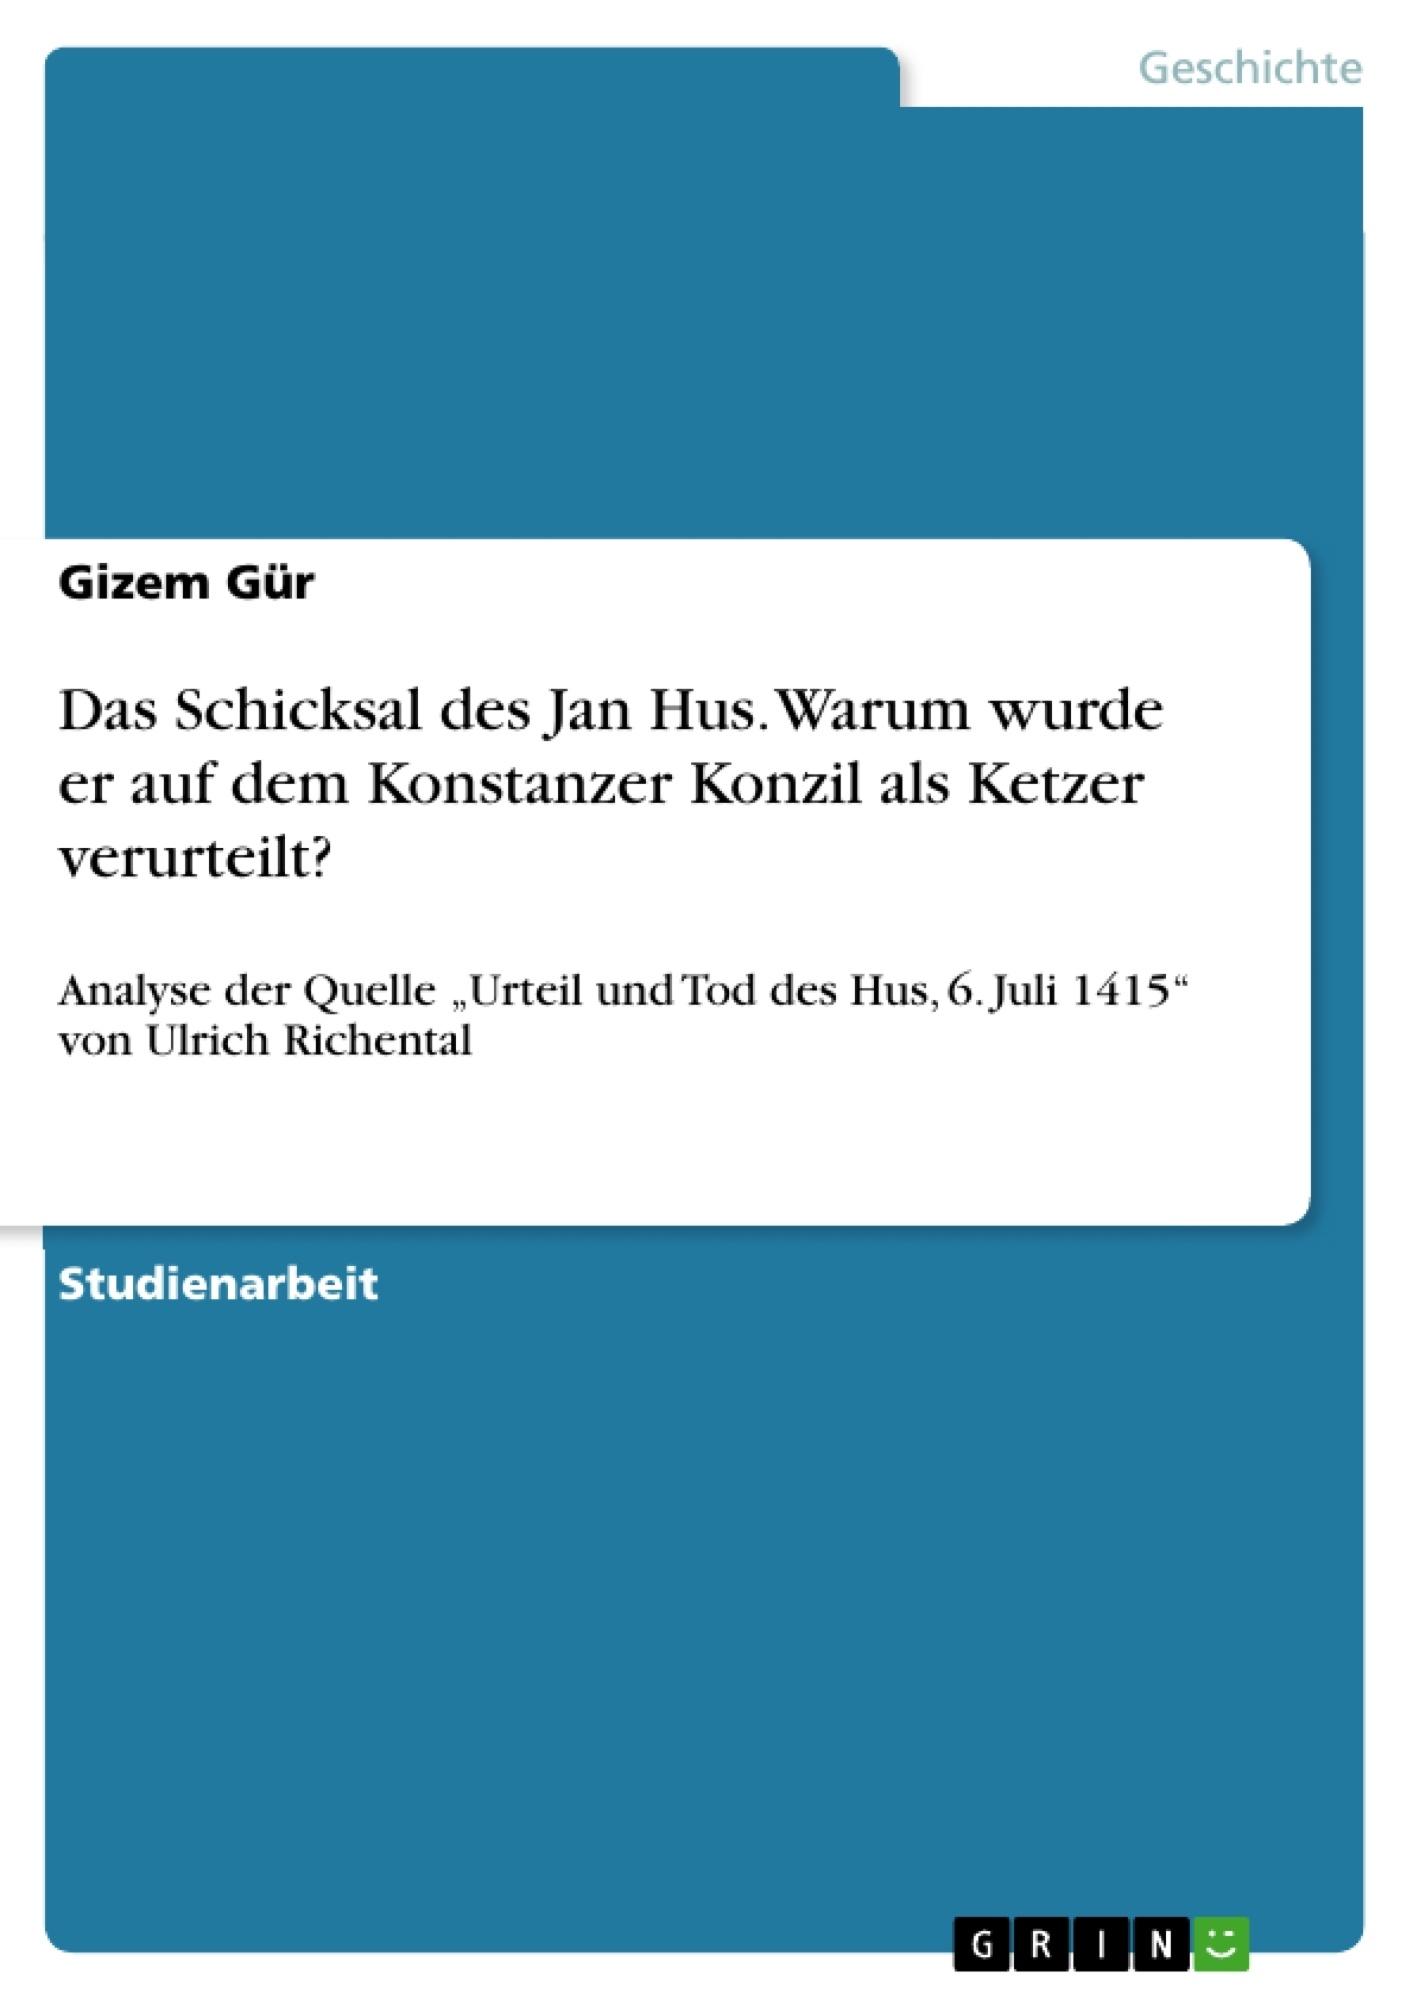 Titel: Das Schicksal des Jan Hus. Warum wurde er auf dem Konstanzer Konzil als Ketzer verurteilt?